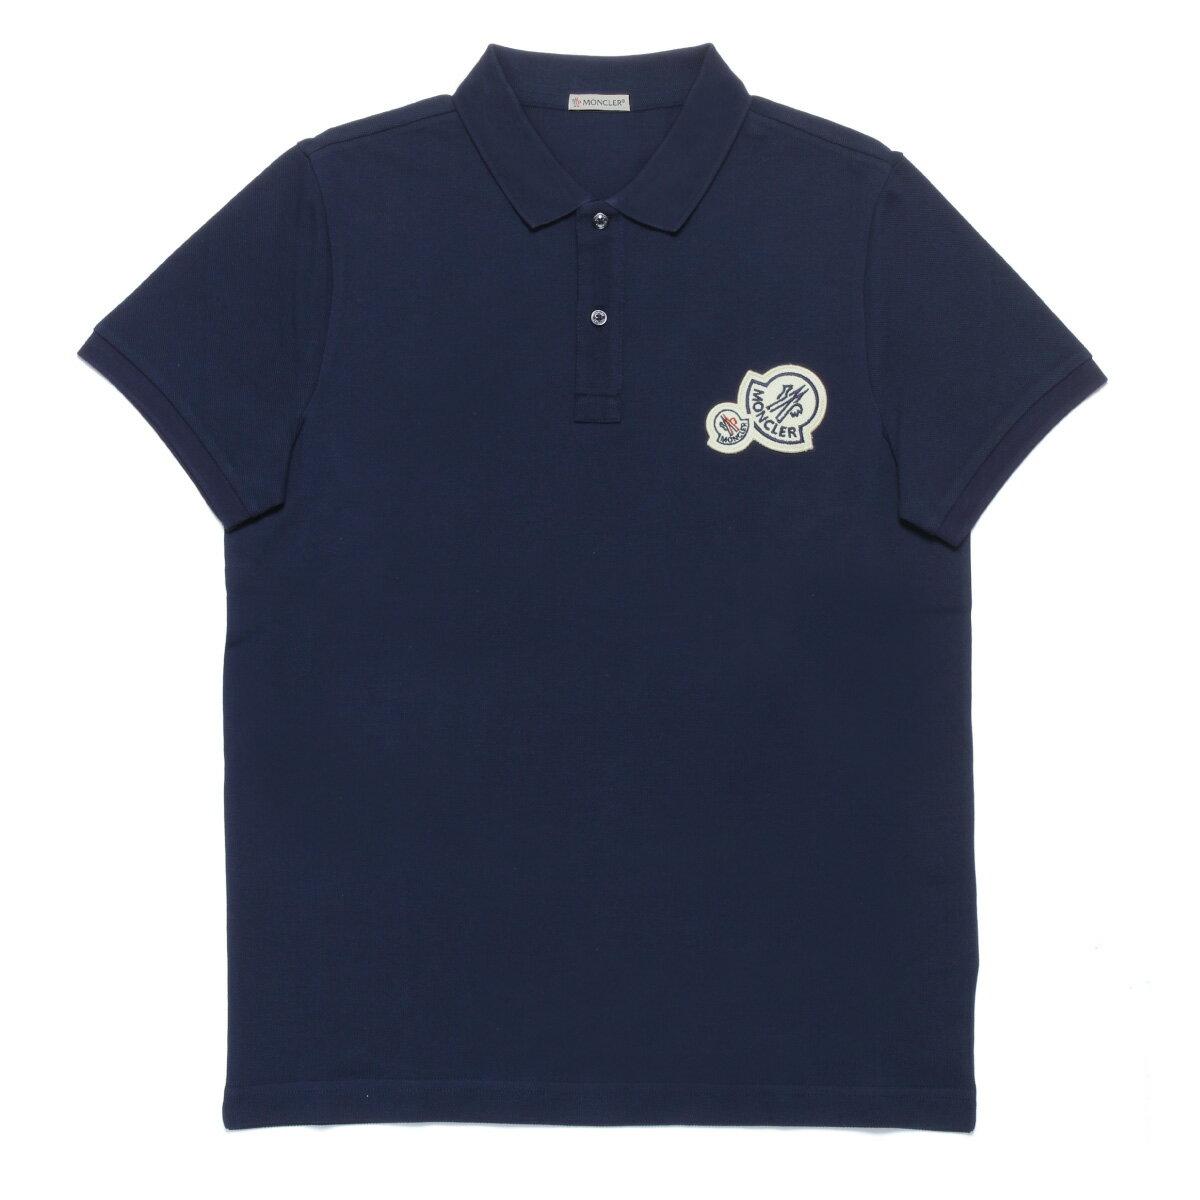 モンクレール MONCLER ポロシャツ メンズ 8304200 84556 783 半袖ポロシャツ NAVY ダークブルー